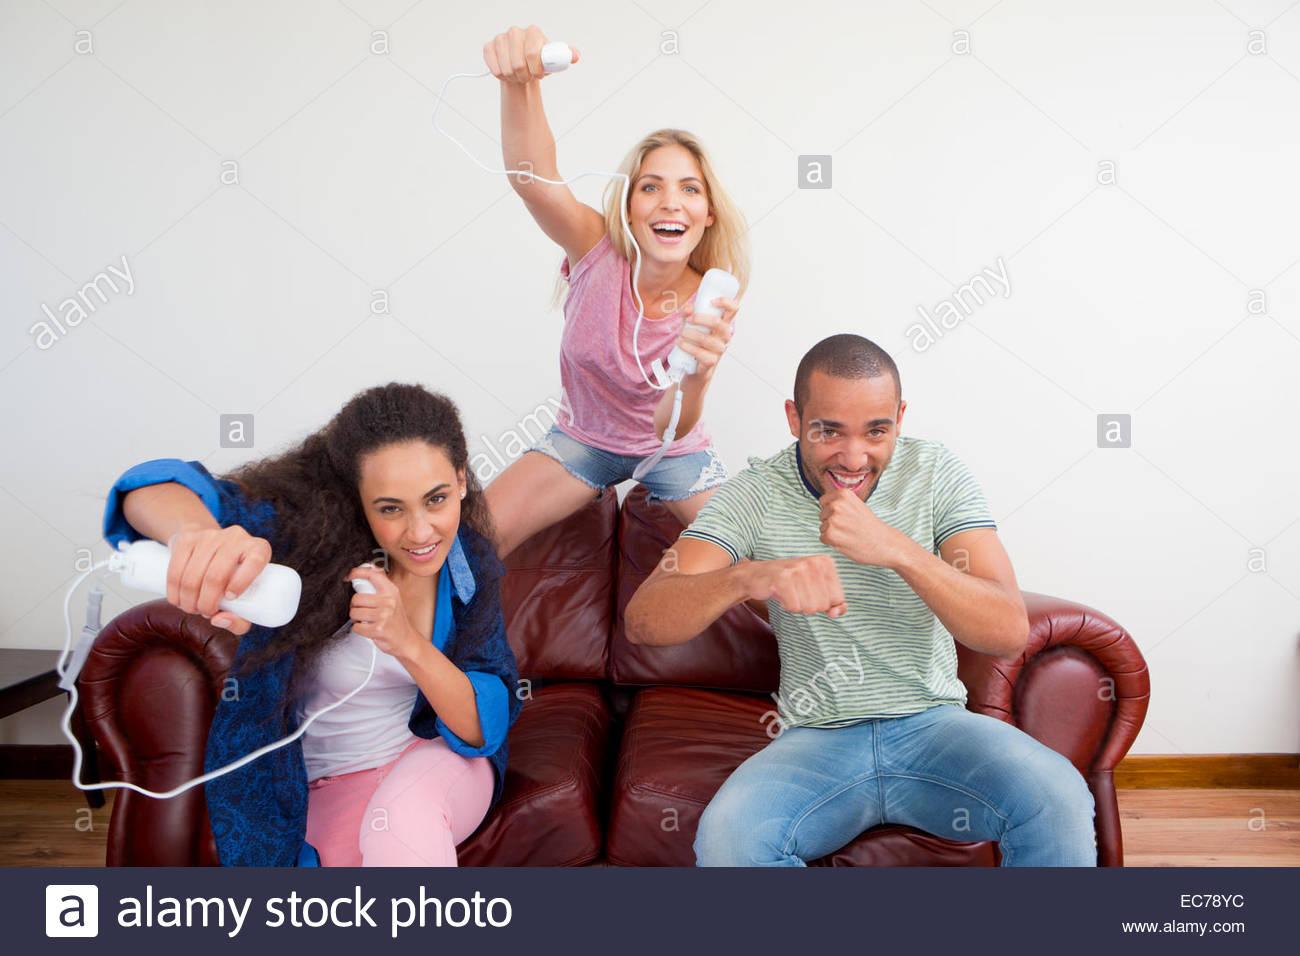 Drei Freunde spielen Videospiel auf sofa Stockbild